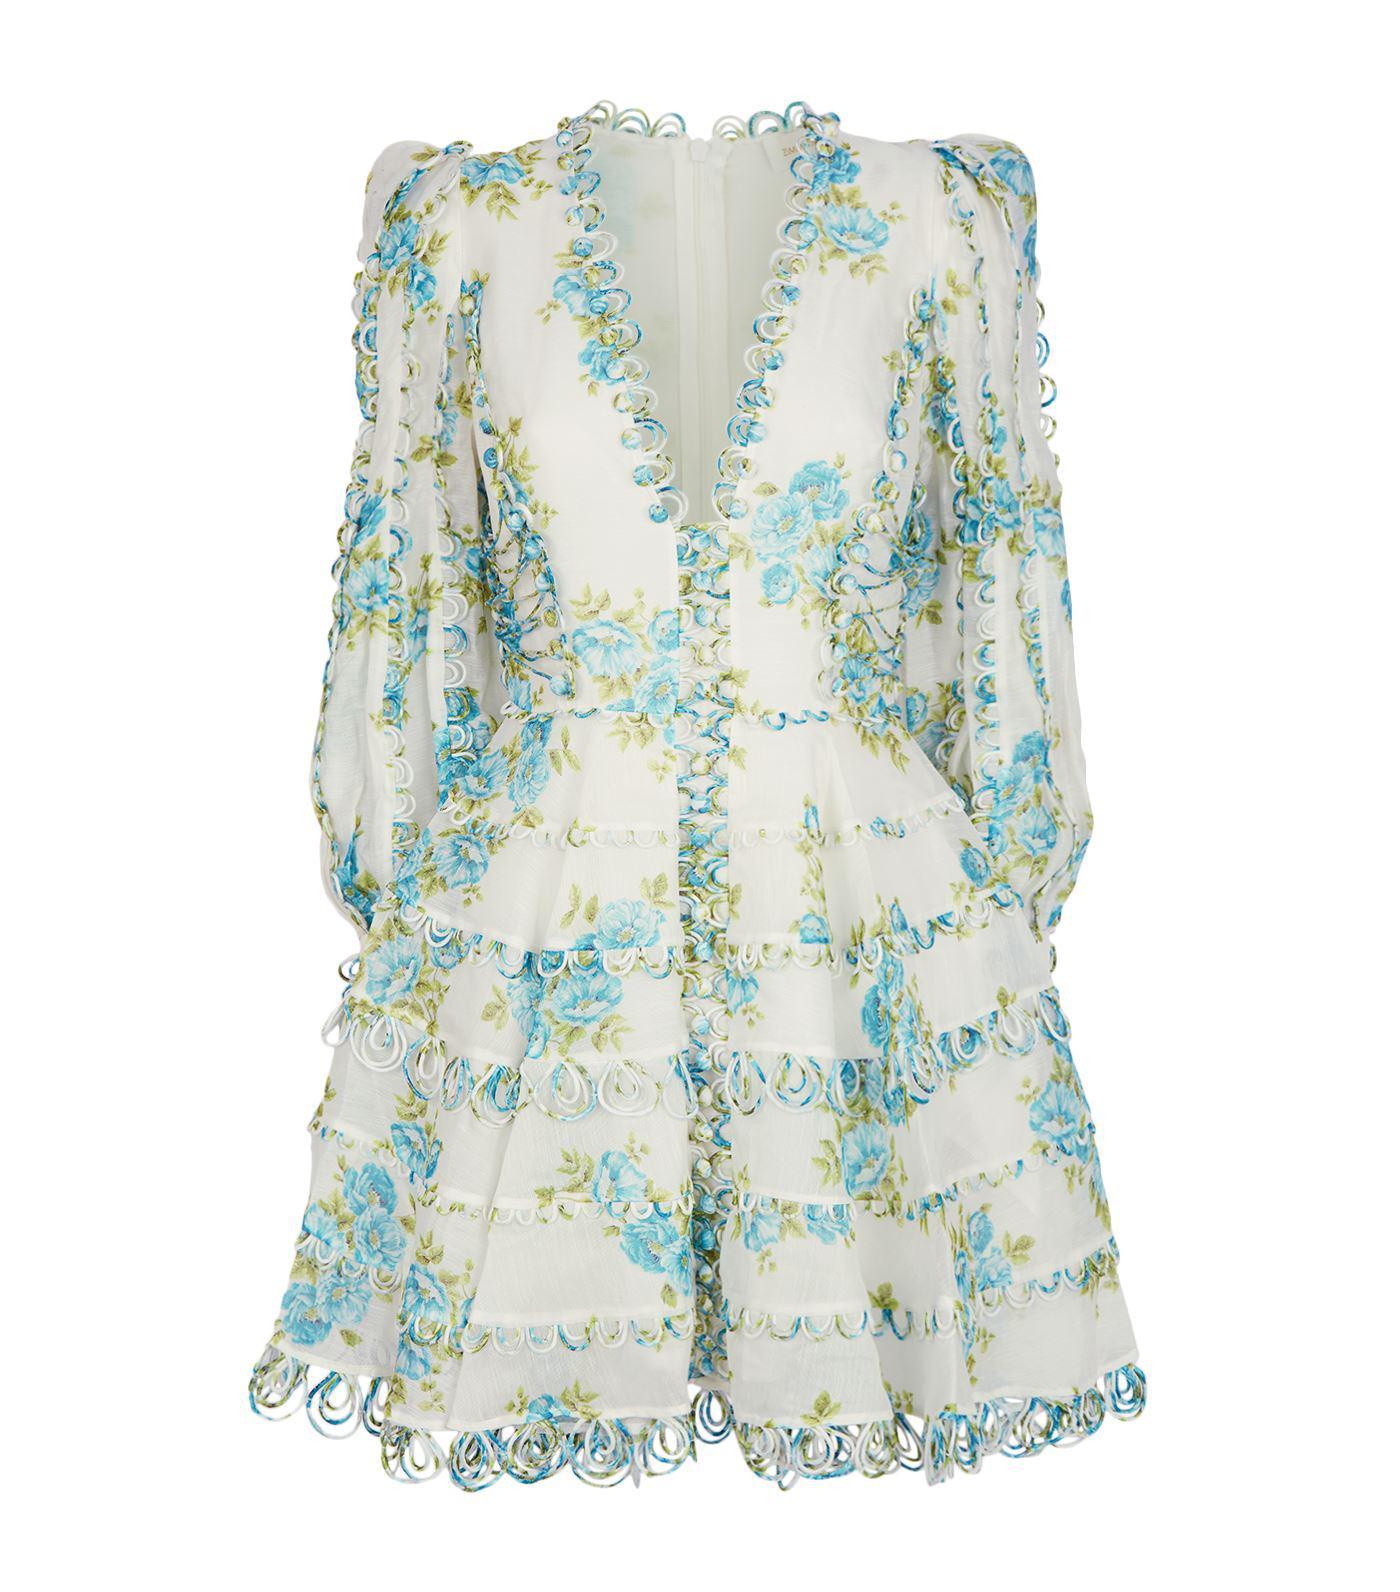 d1c3f8663ca1 Zimmermann Whitewave Honeymooners Mini Dress in White - Lyst